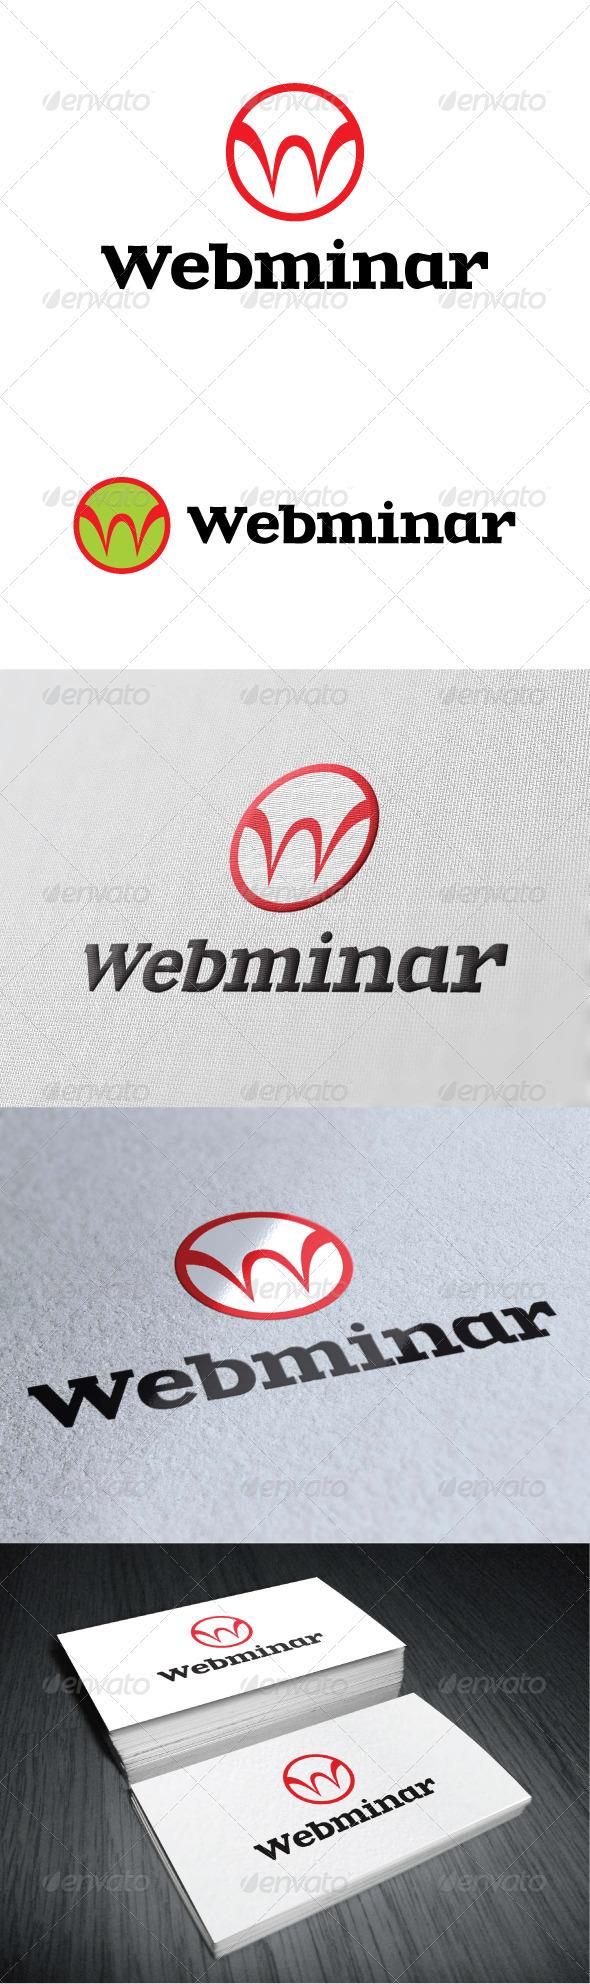 Webminar Logo Template